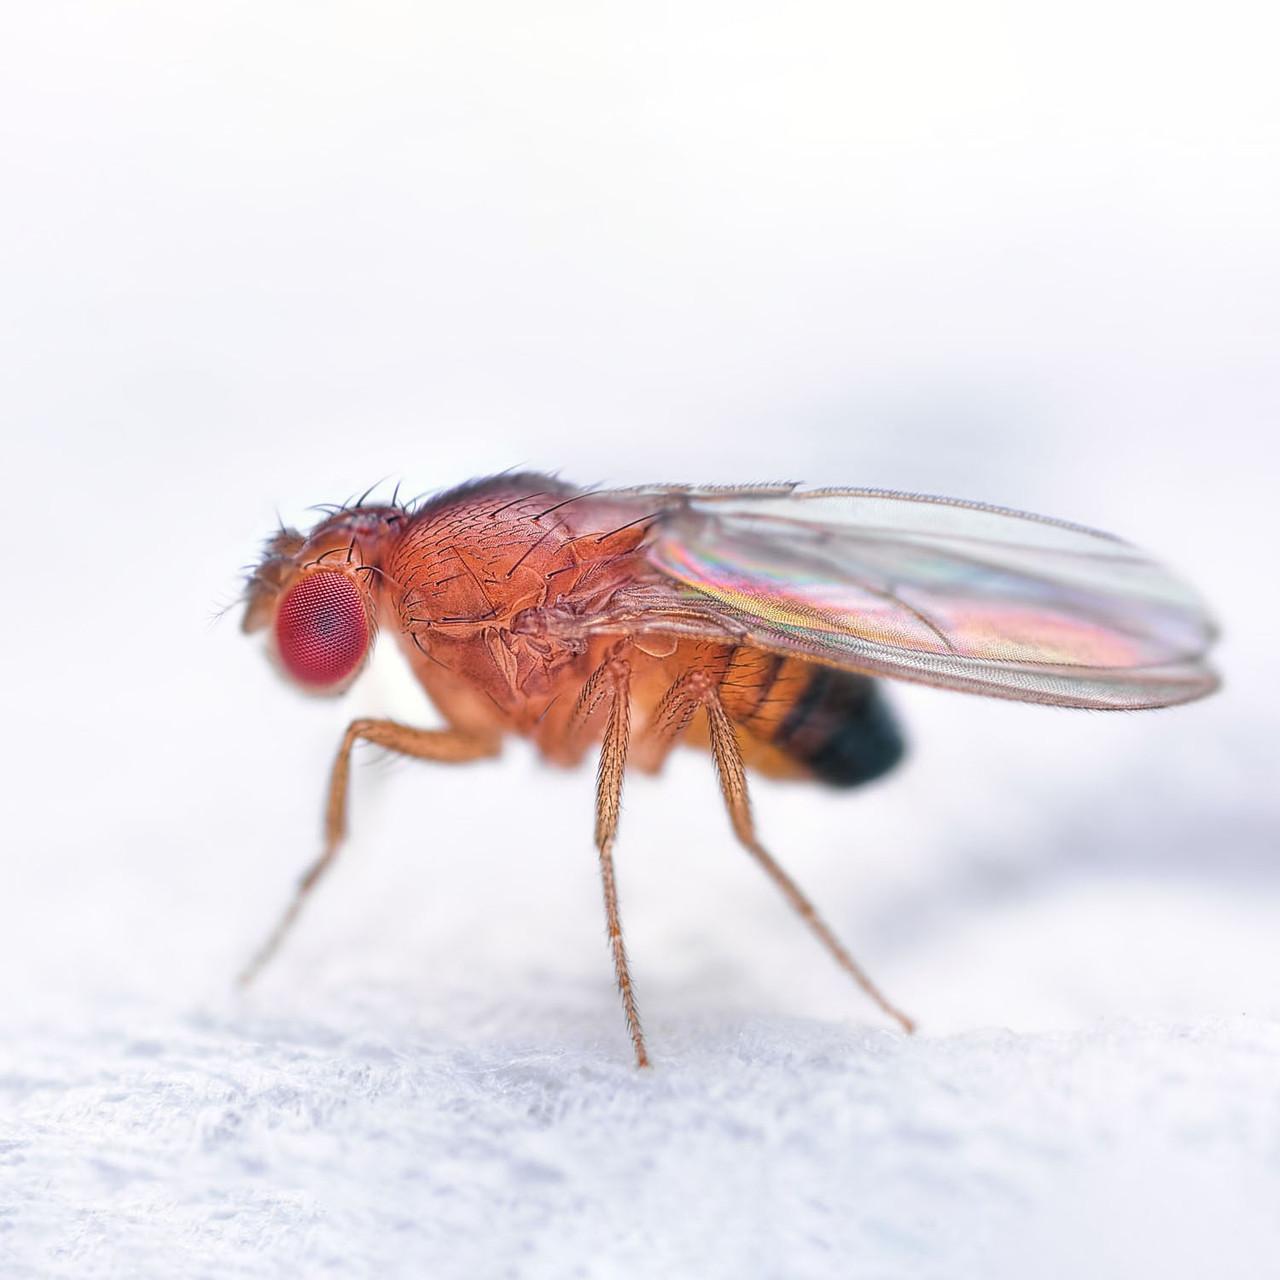 L7.2 - Drosophila, white eye, live